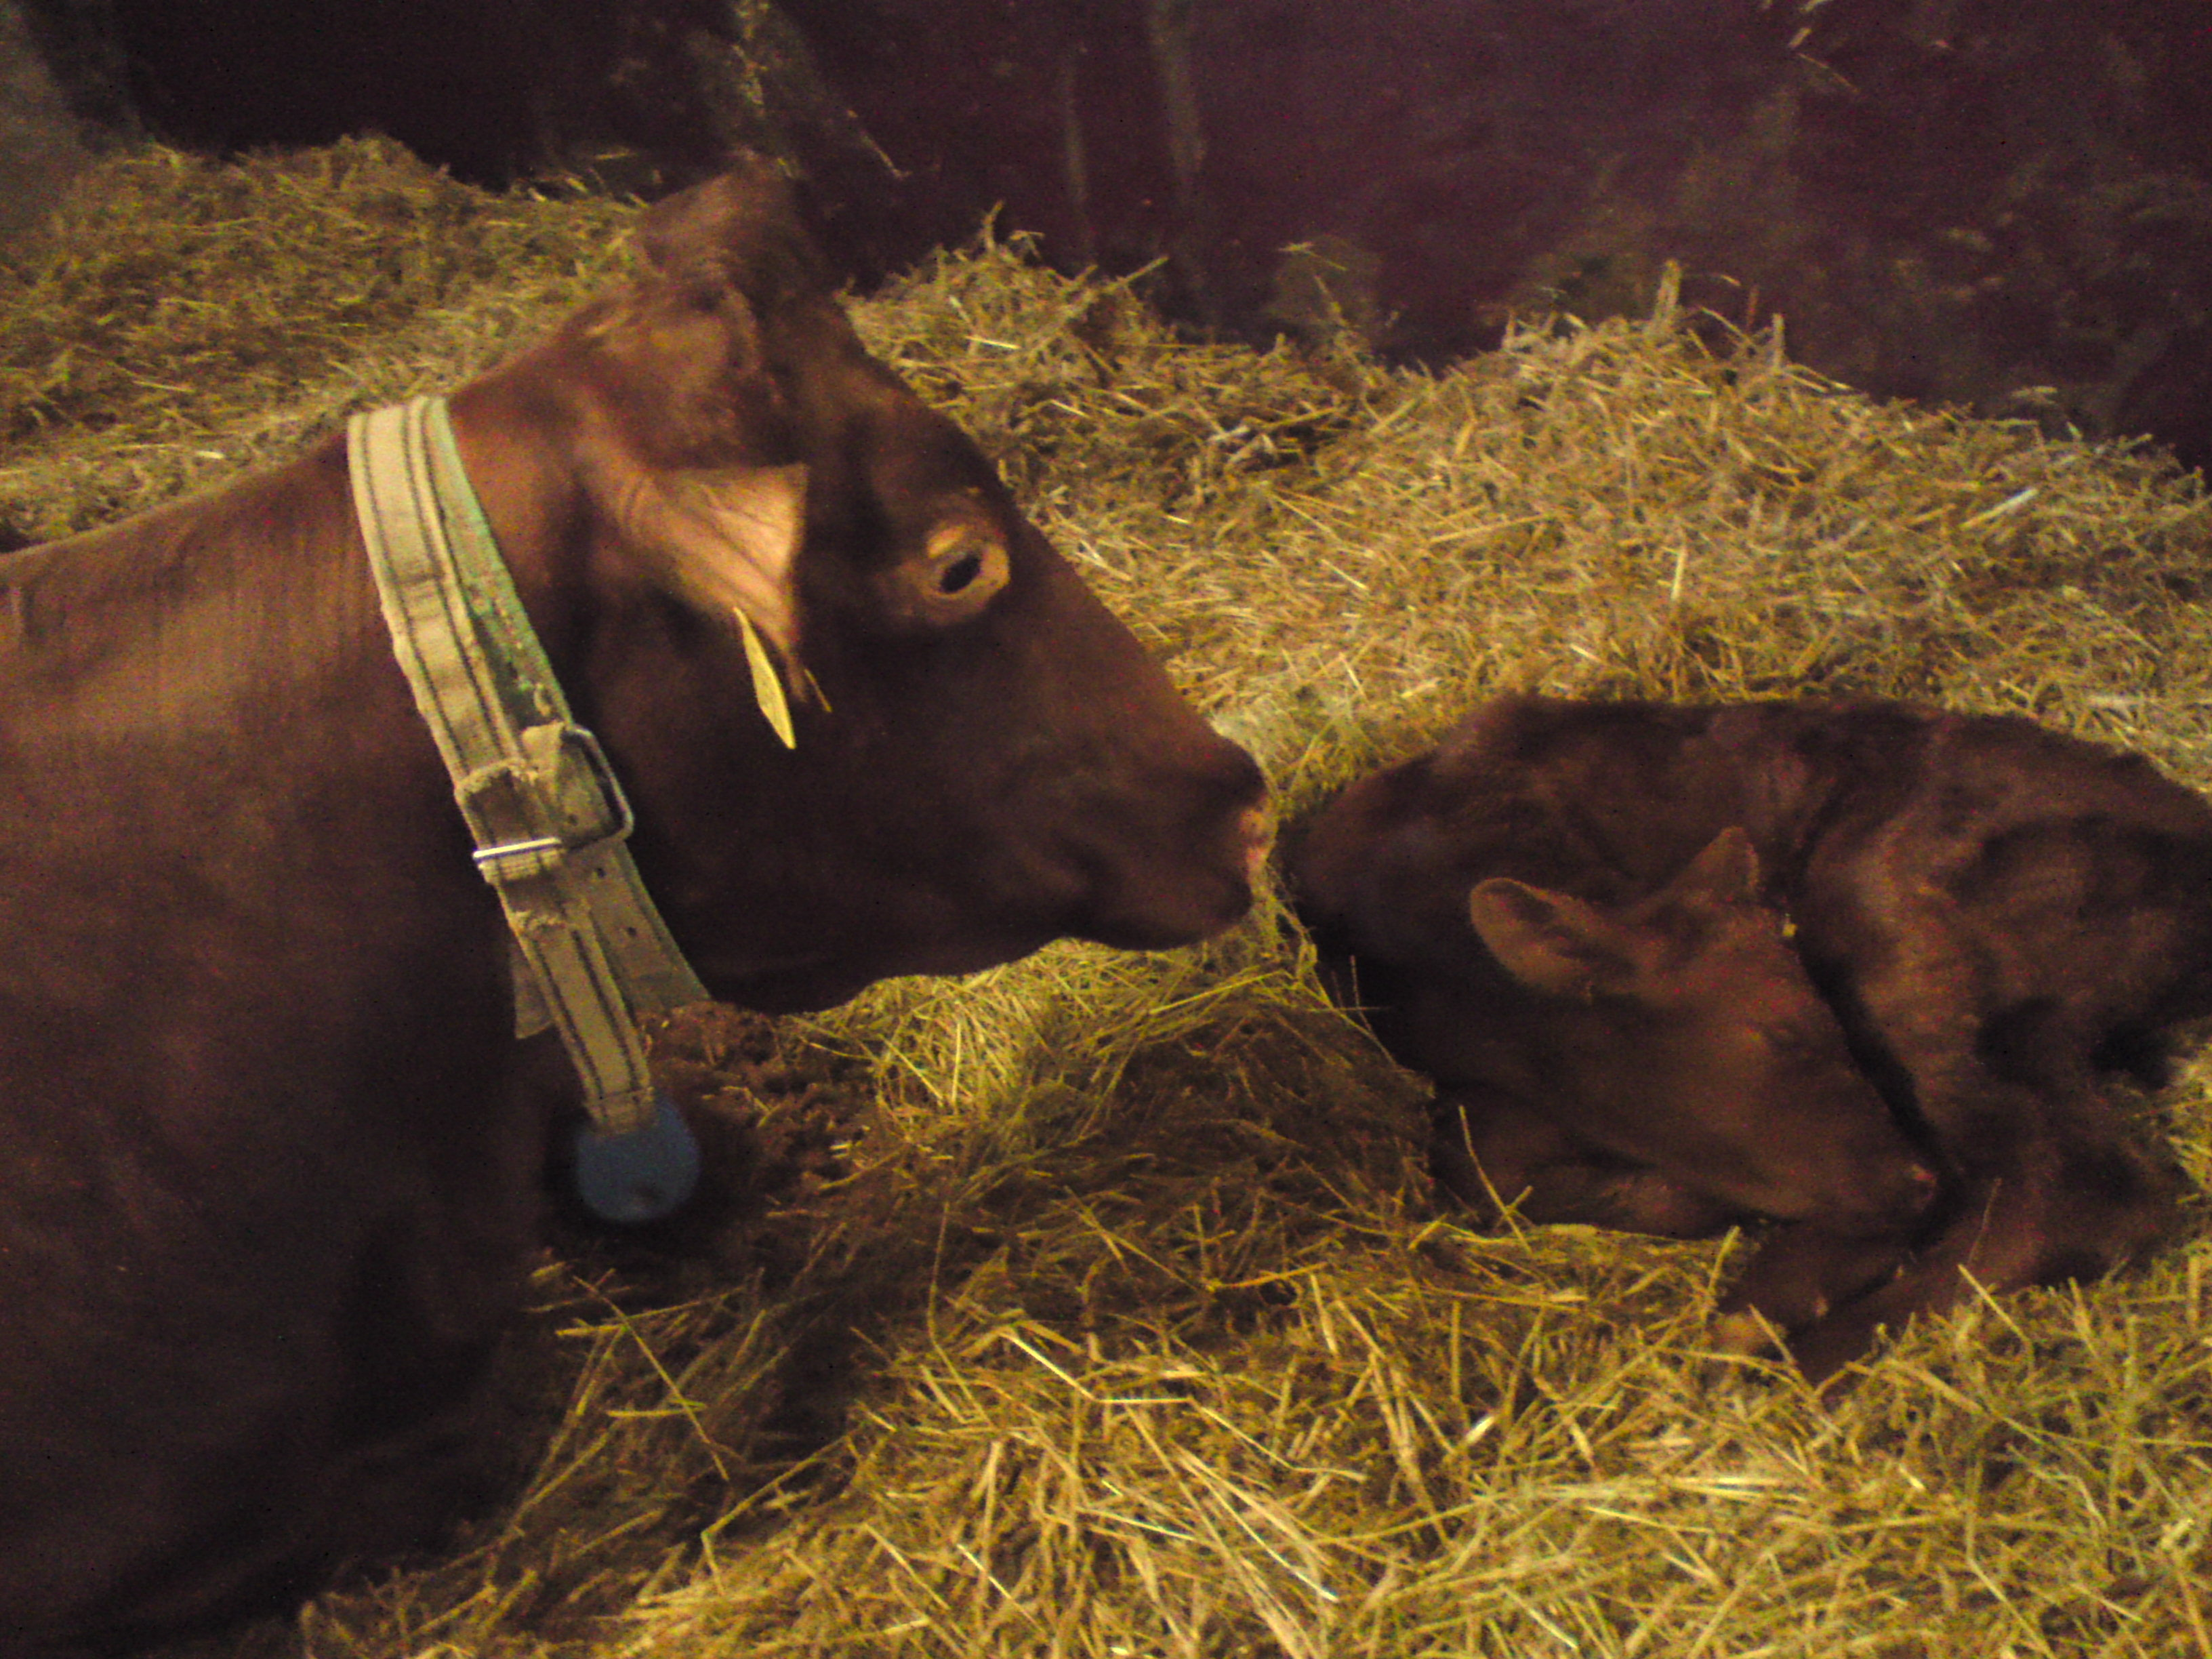 Krona är sjuk men ändå rätt så pigg och slickar på sin nyfödda kalv